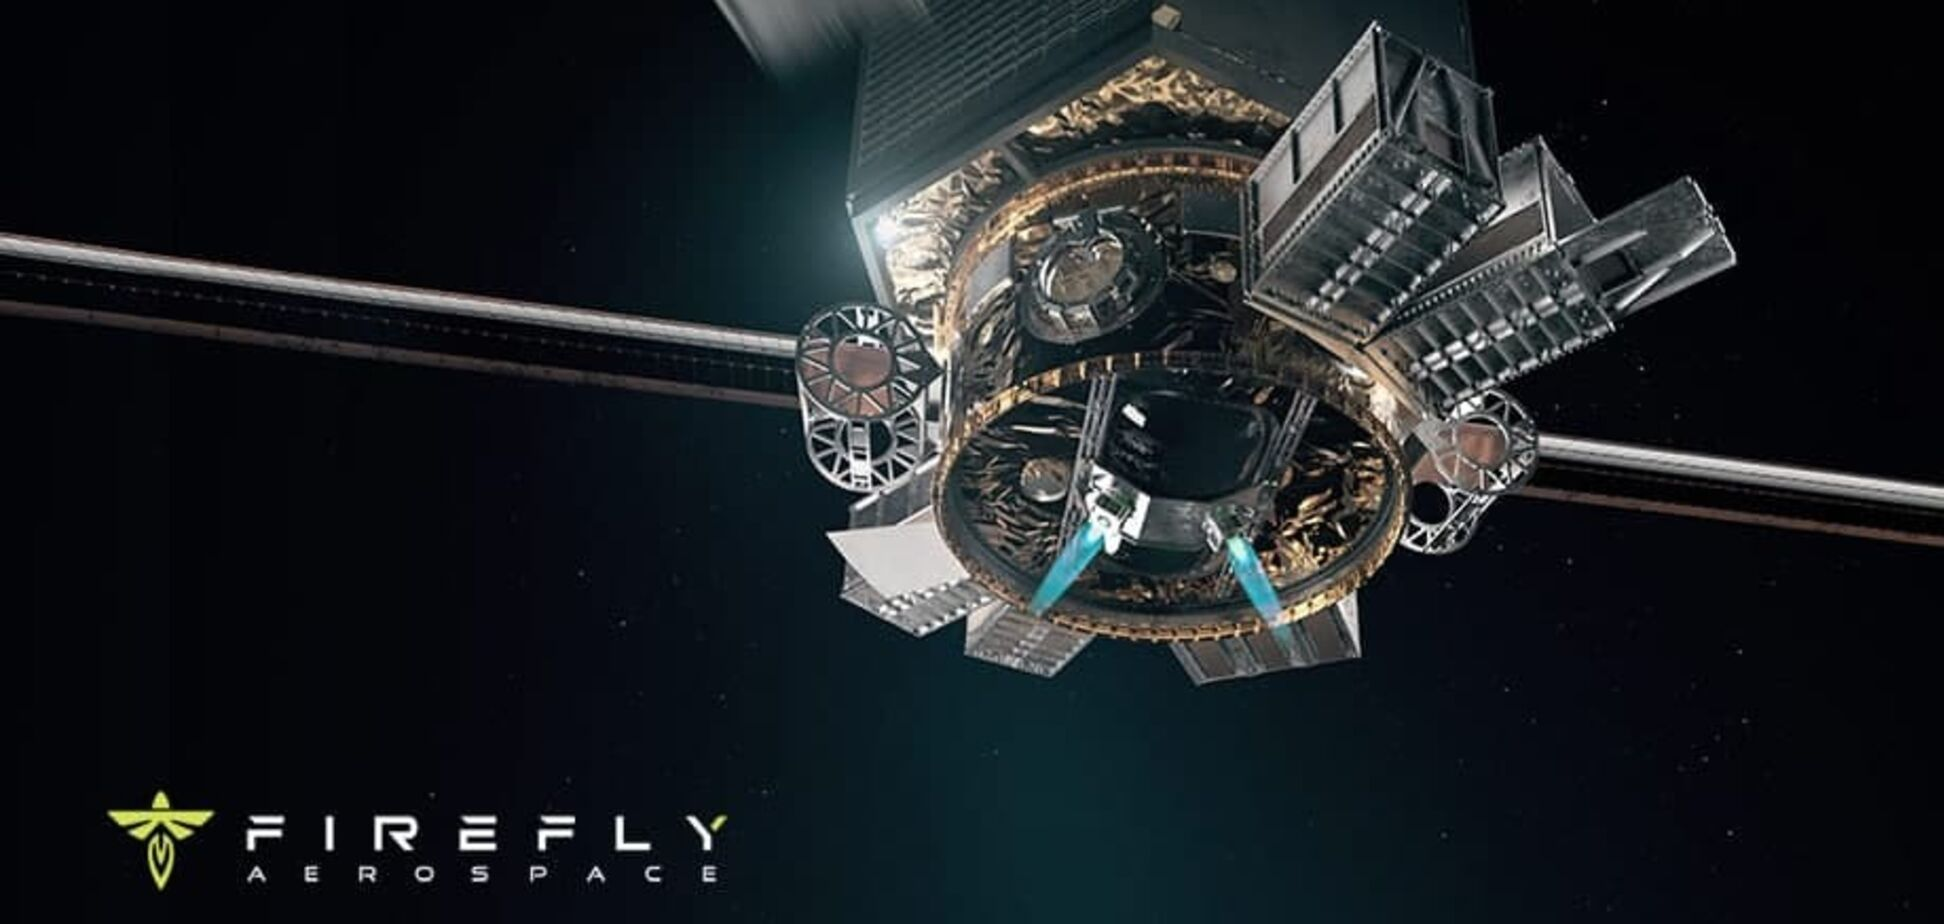 Компанія українця доставить модуль Blue Ghost до Місяця: підписано контракт зі SpaceX